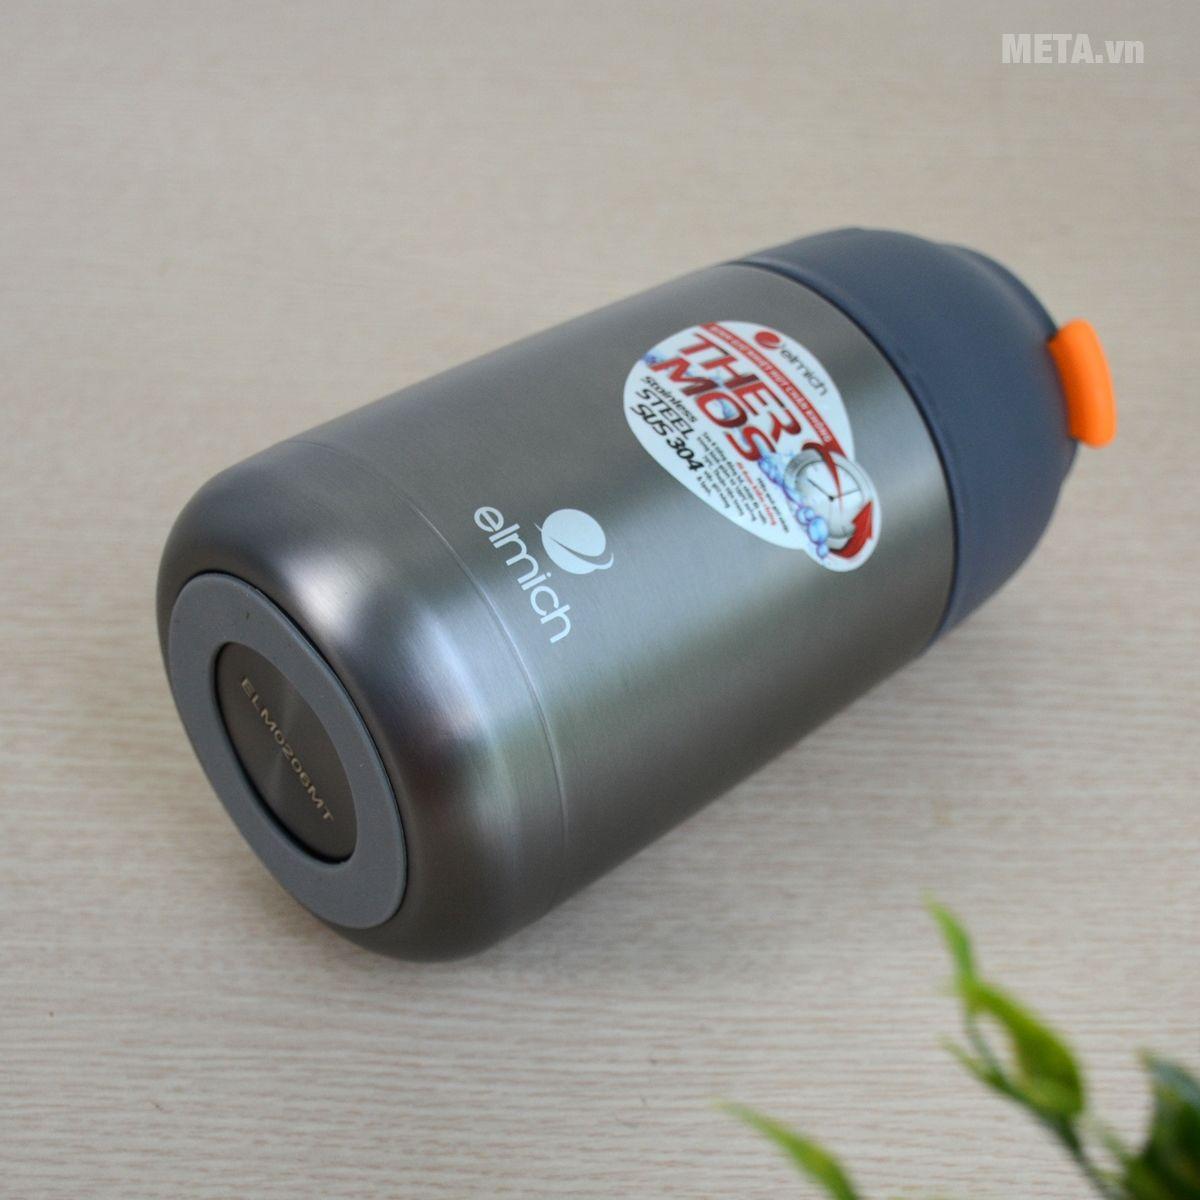 Bình giữ nhiệt có thiết kế nhỏ gọn, dễ dàng mang theo